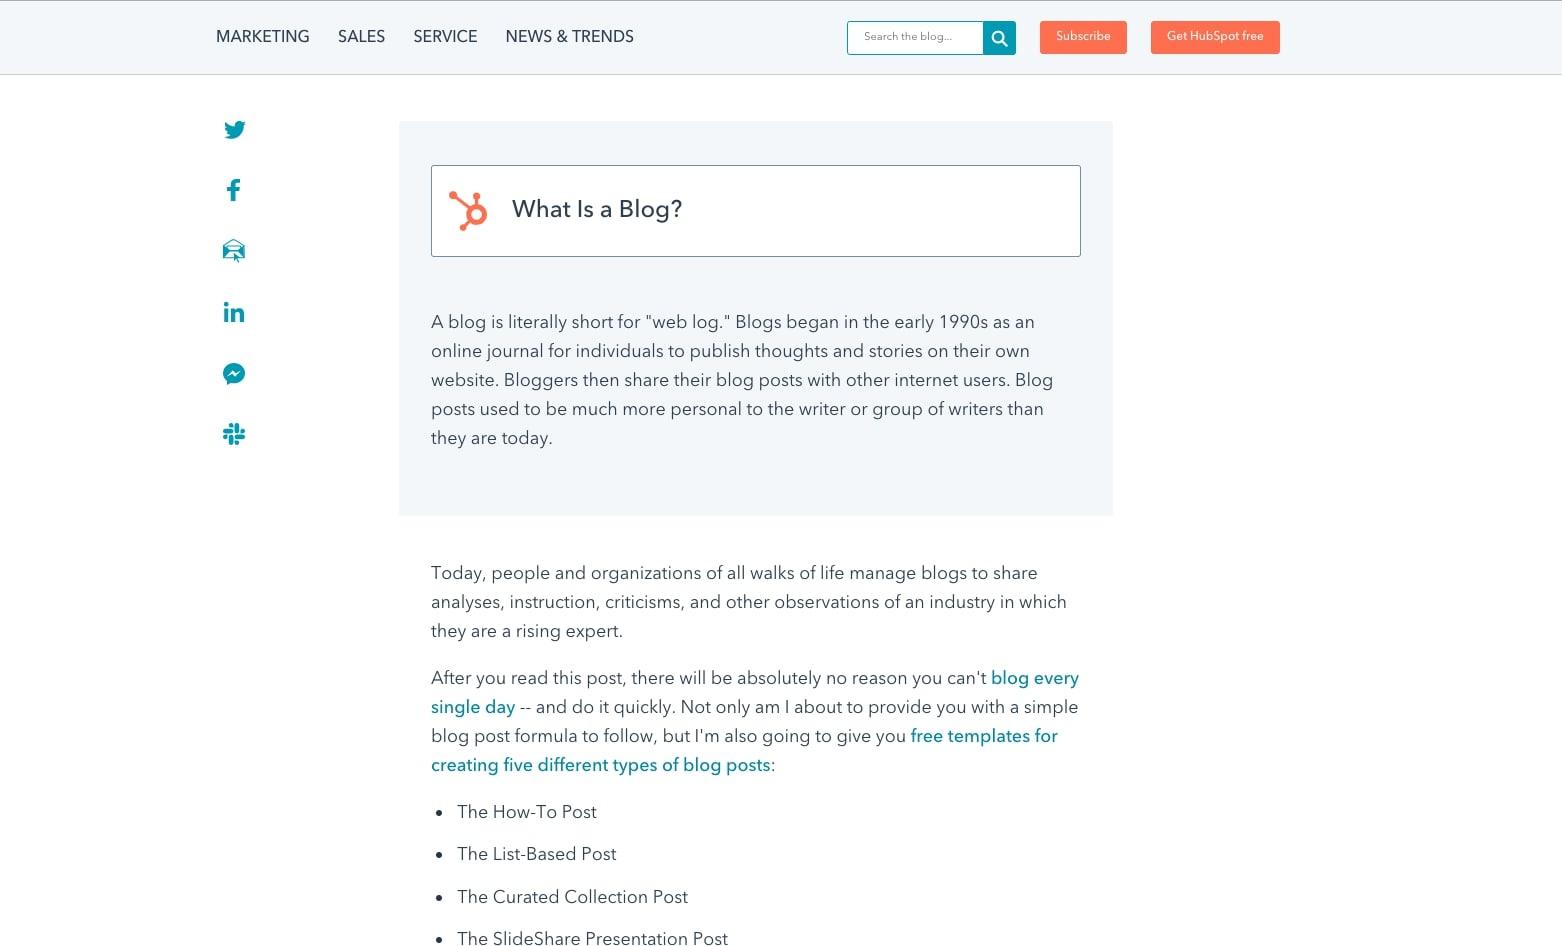 Featured Snippet HubSpot